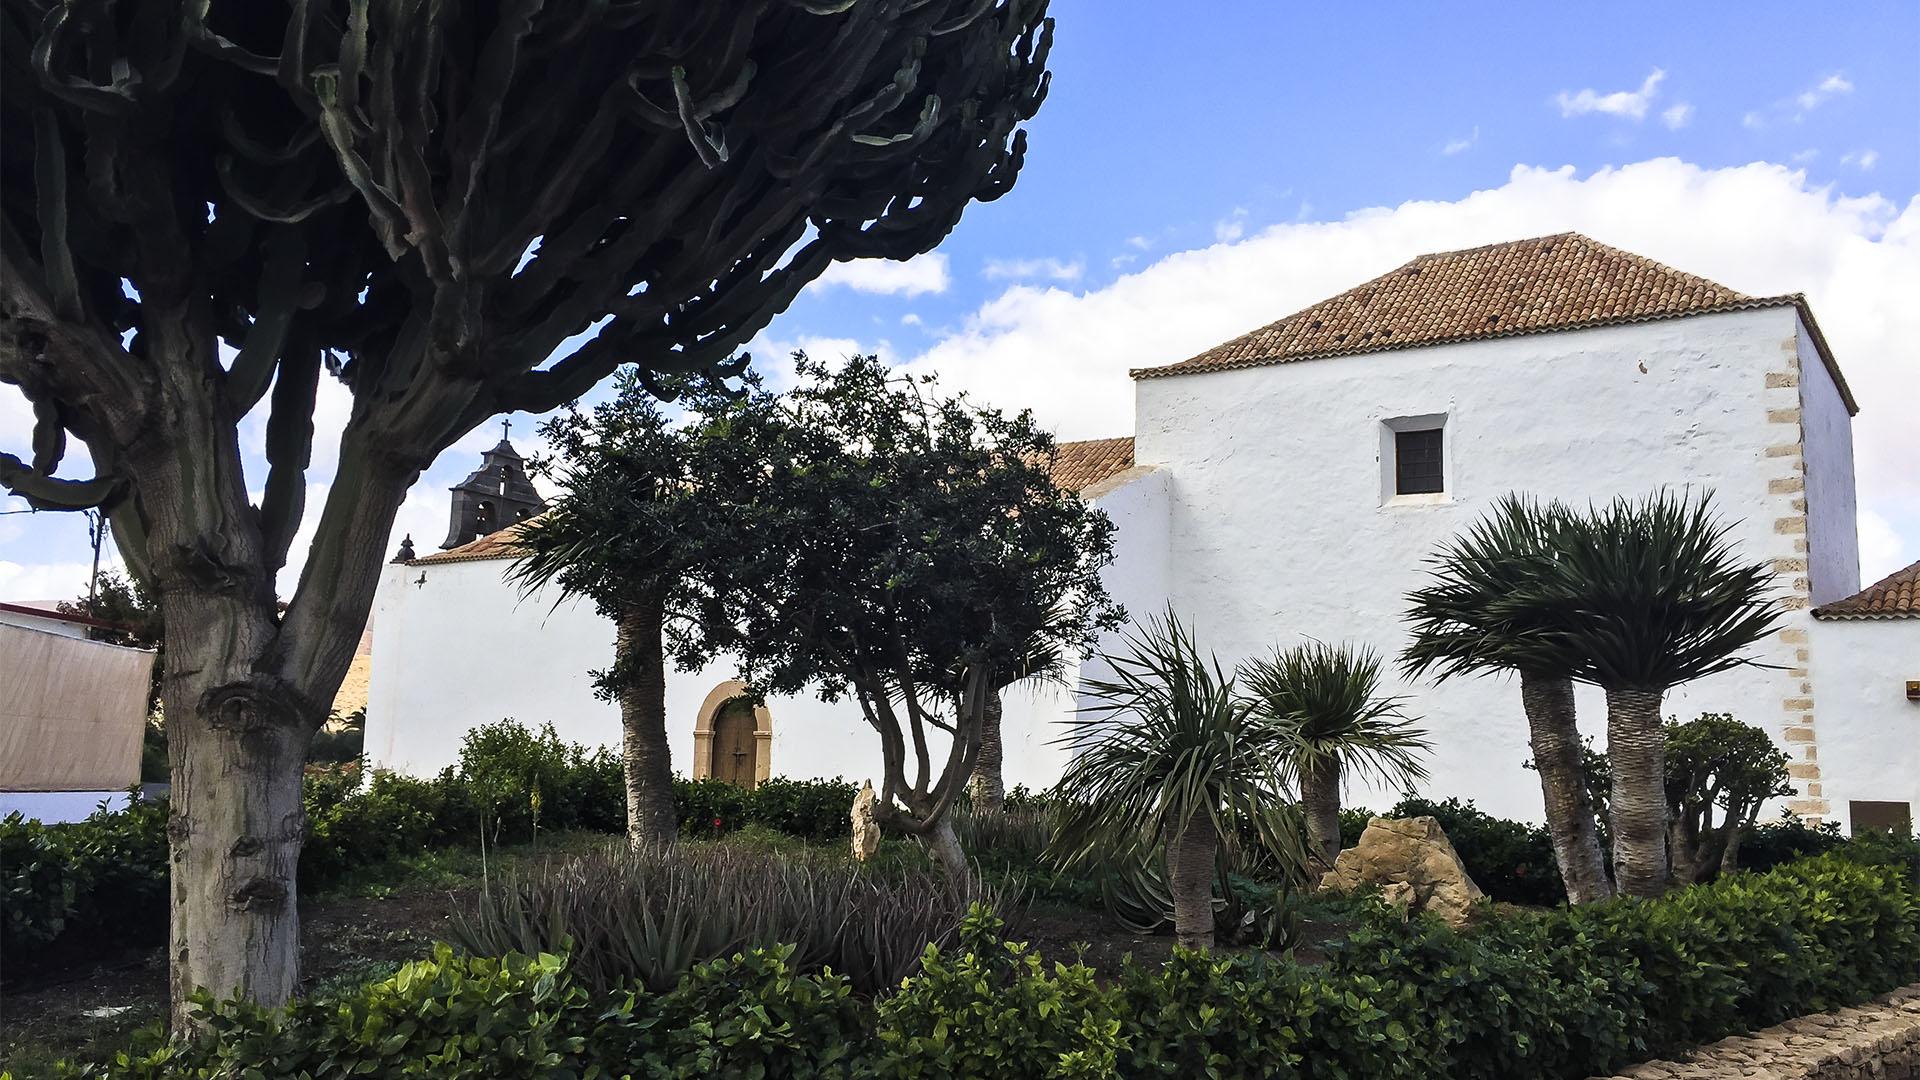 Städte und Ortschaften Fuerteventuras: Valles de Ortega – Ermita de Sanroque